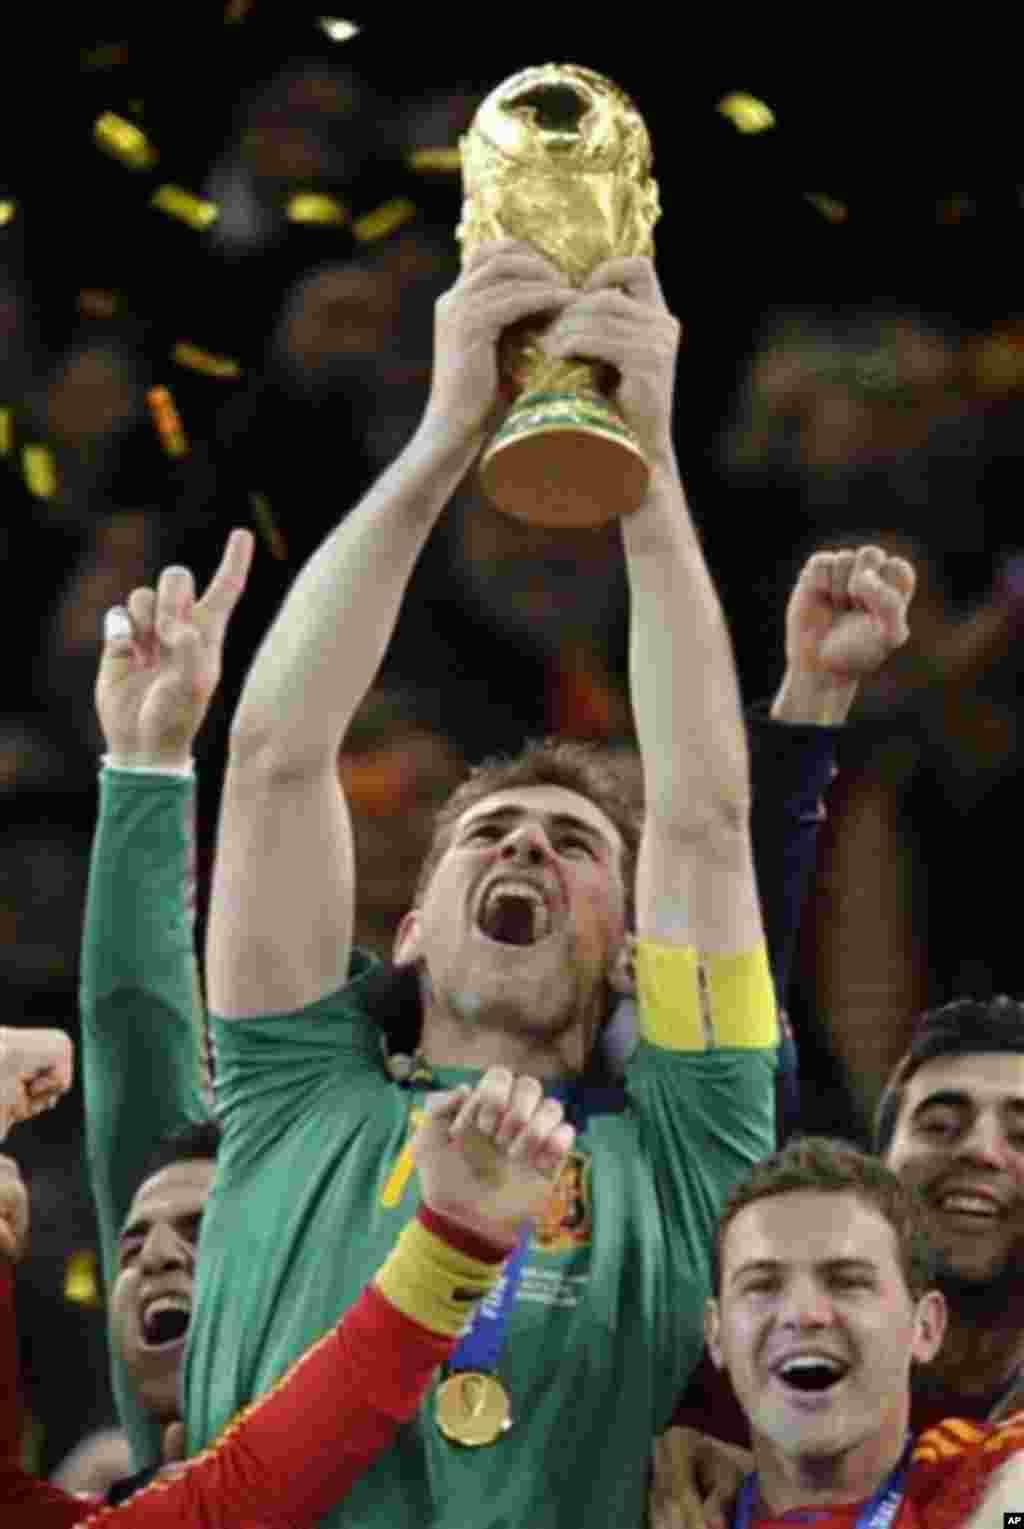 Španjolski golman Iker Casillas drfži trofej Svjetskog nogometnog prvenstva